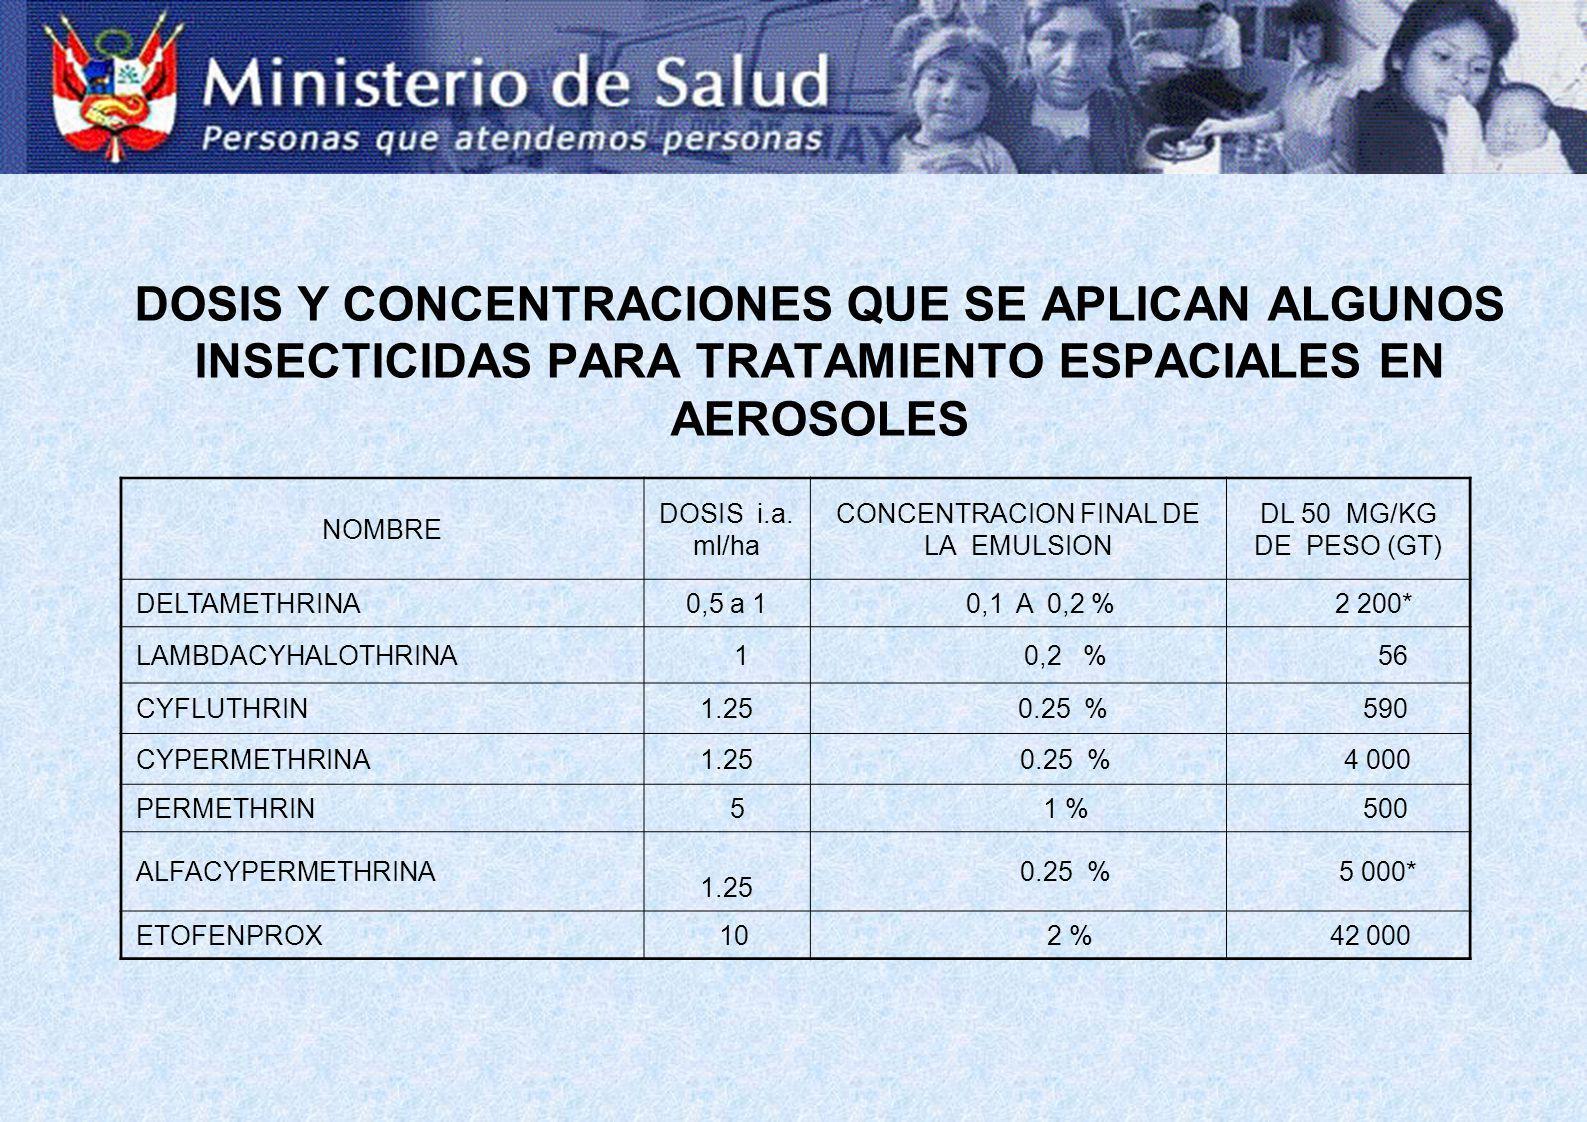 DOSIS Y CONCENTRACIONES QUE SE APLICAN ALGUNOS INSECTICIDAS PARA TRATAMIENTO ESPACIALES EN AEROSOLES NOMBRE DOSIS i.a. ml/ha CONCENTRACION FINAL DE LA